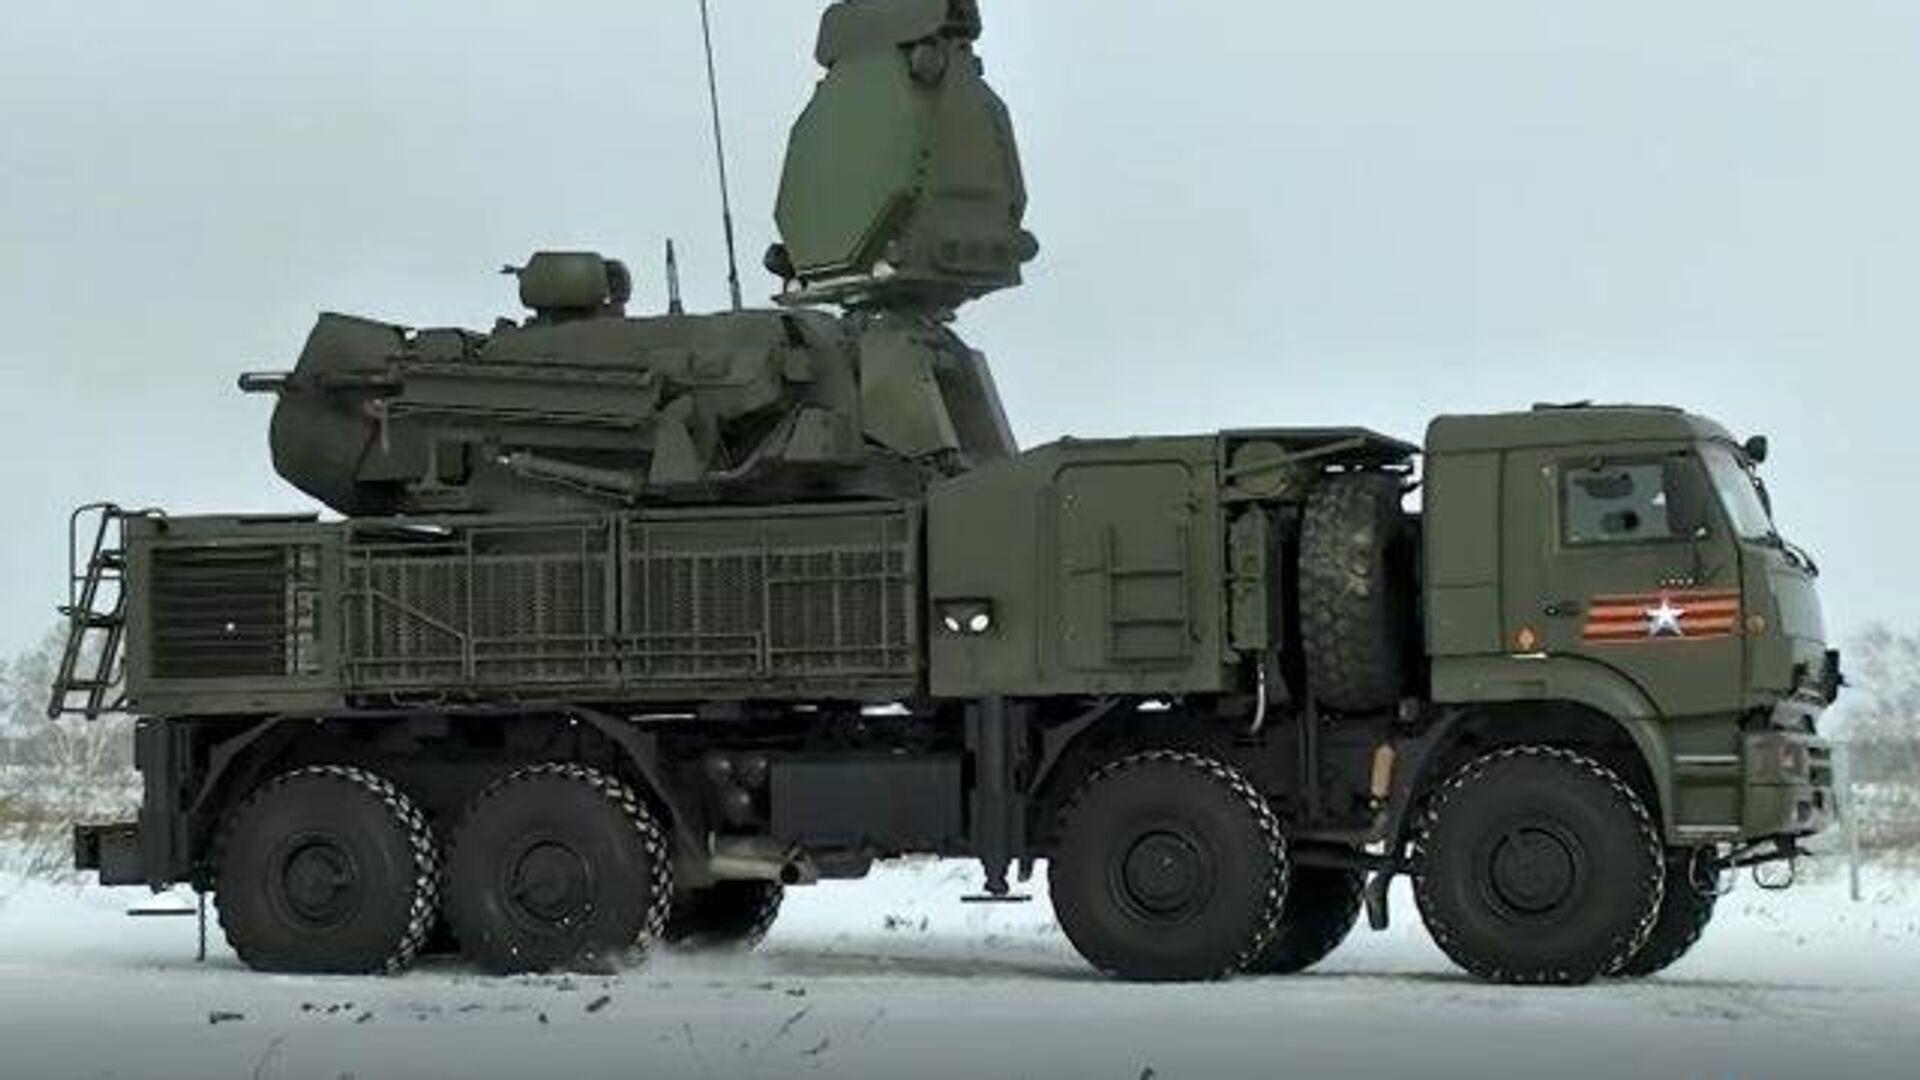 El sistema de defensa antiaérea ruso Pantsir-S1 demuestra su potencia en Siberia - Sputnik Mundo, 1920, 18.02.2021